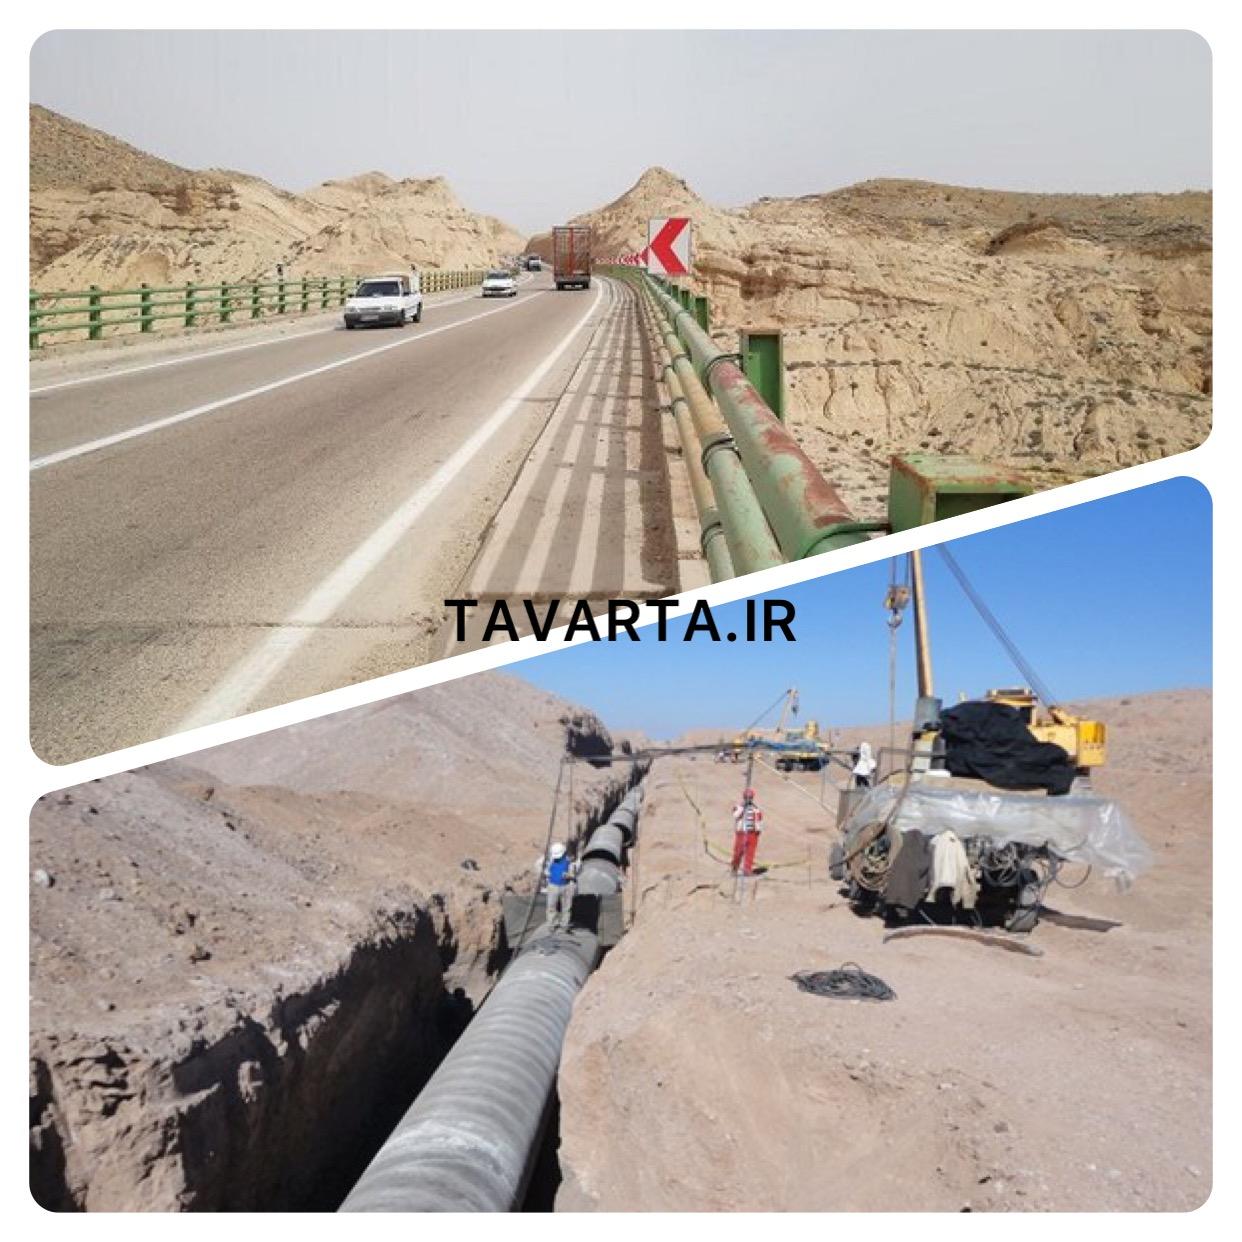 مهمترین خواسته مردم شهرستان جم از رئیس جمهور، اتمام پروژه انتقال آب و اختصاص اعتبار برای تکمیل بزرگراه جم به فیروز آباد  است